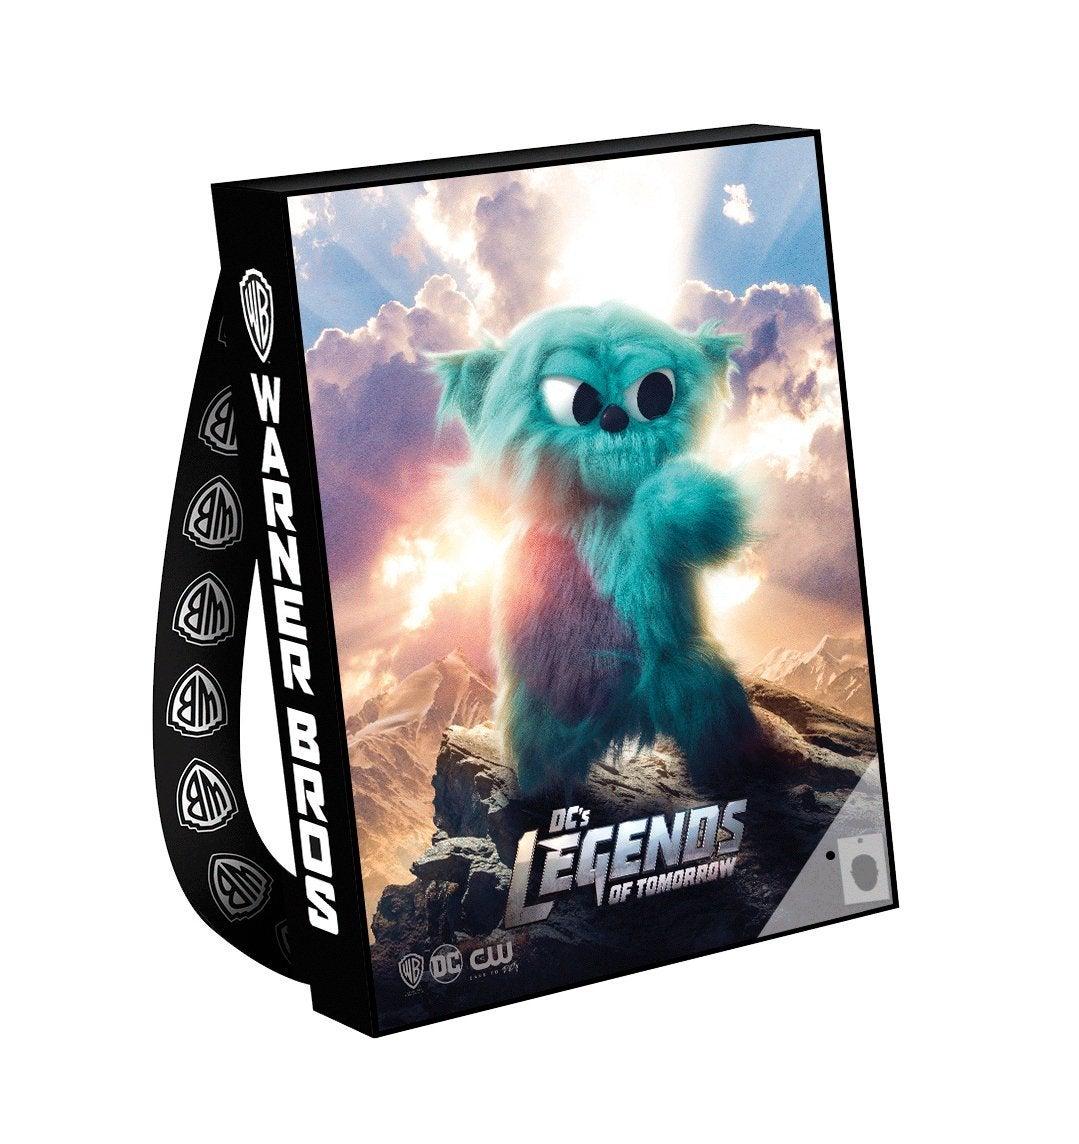 SDCC2018_Bags_3D_DCs Legends of Tomorrow